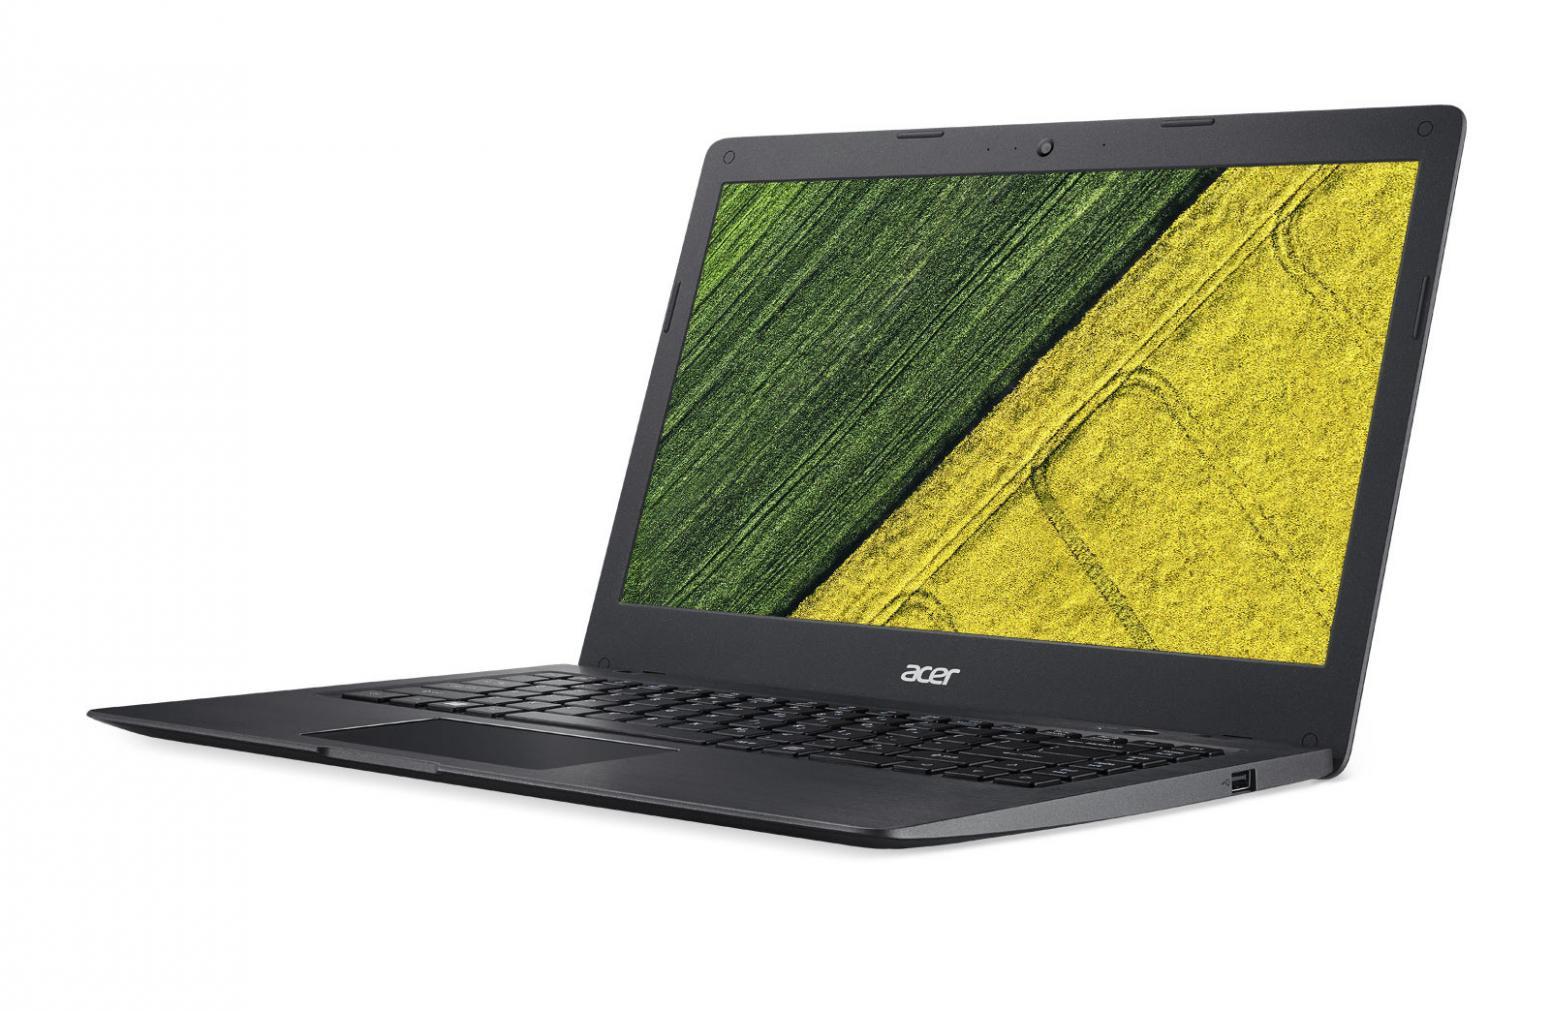 Ordinateur portable Acer Swift 1 SF114-31-P9N8 Noir - photo 2